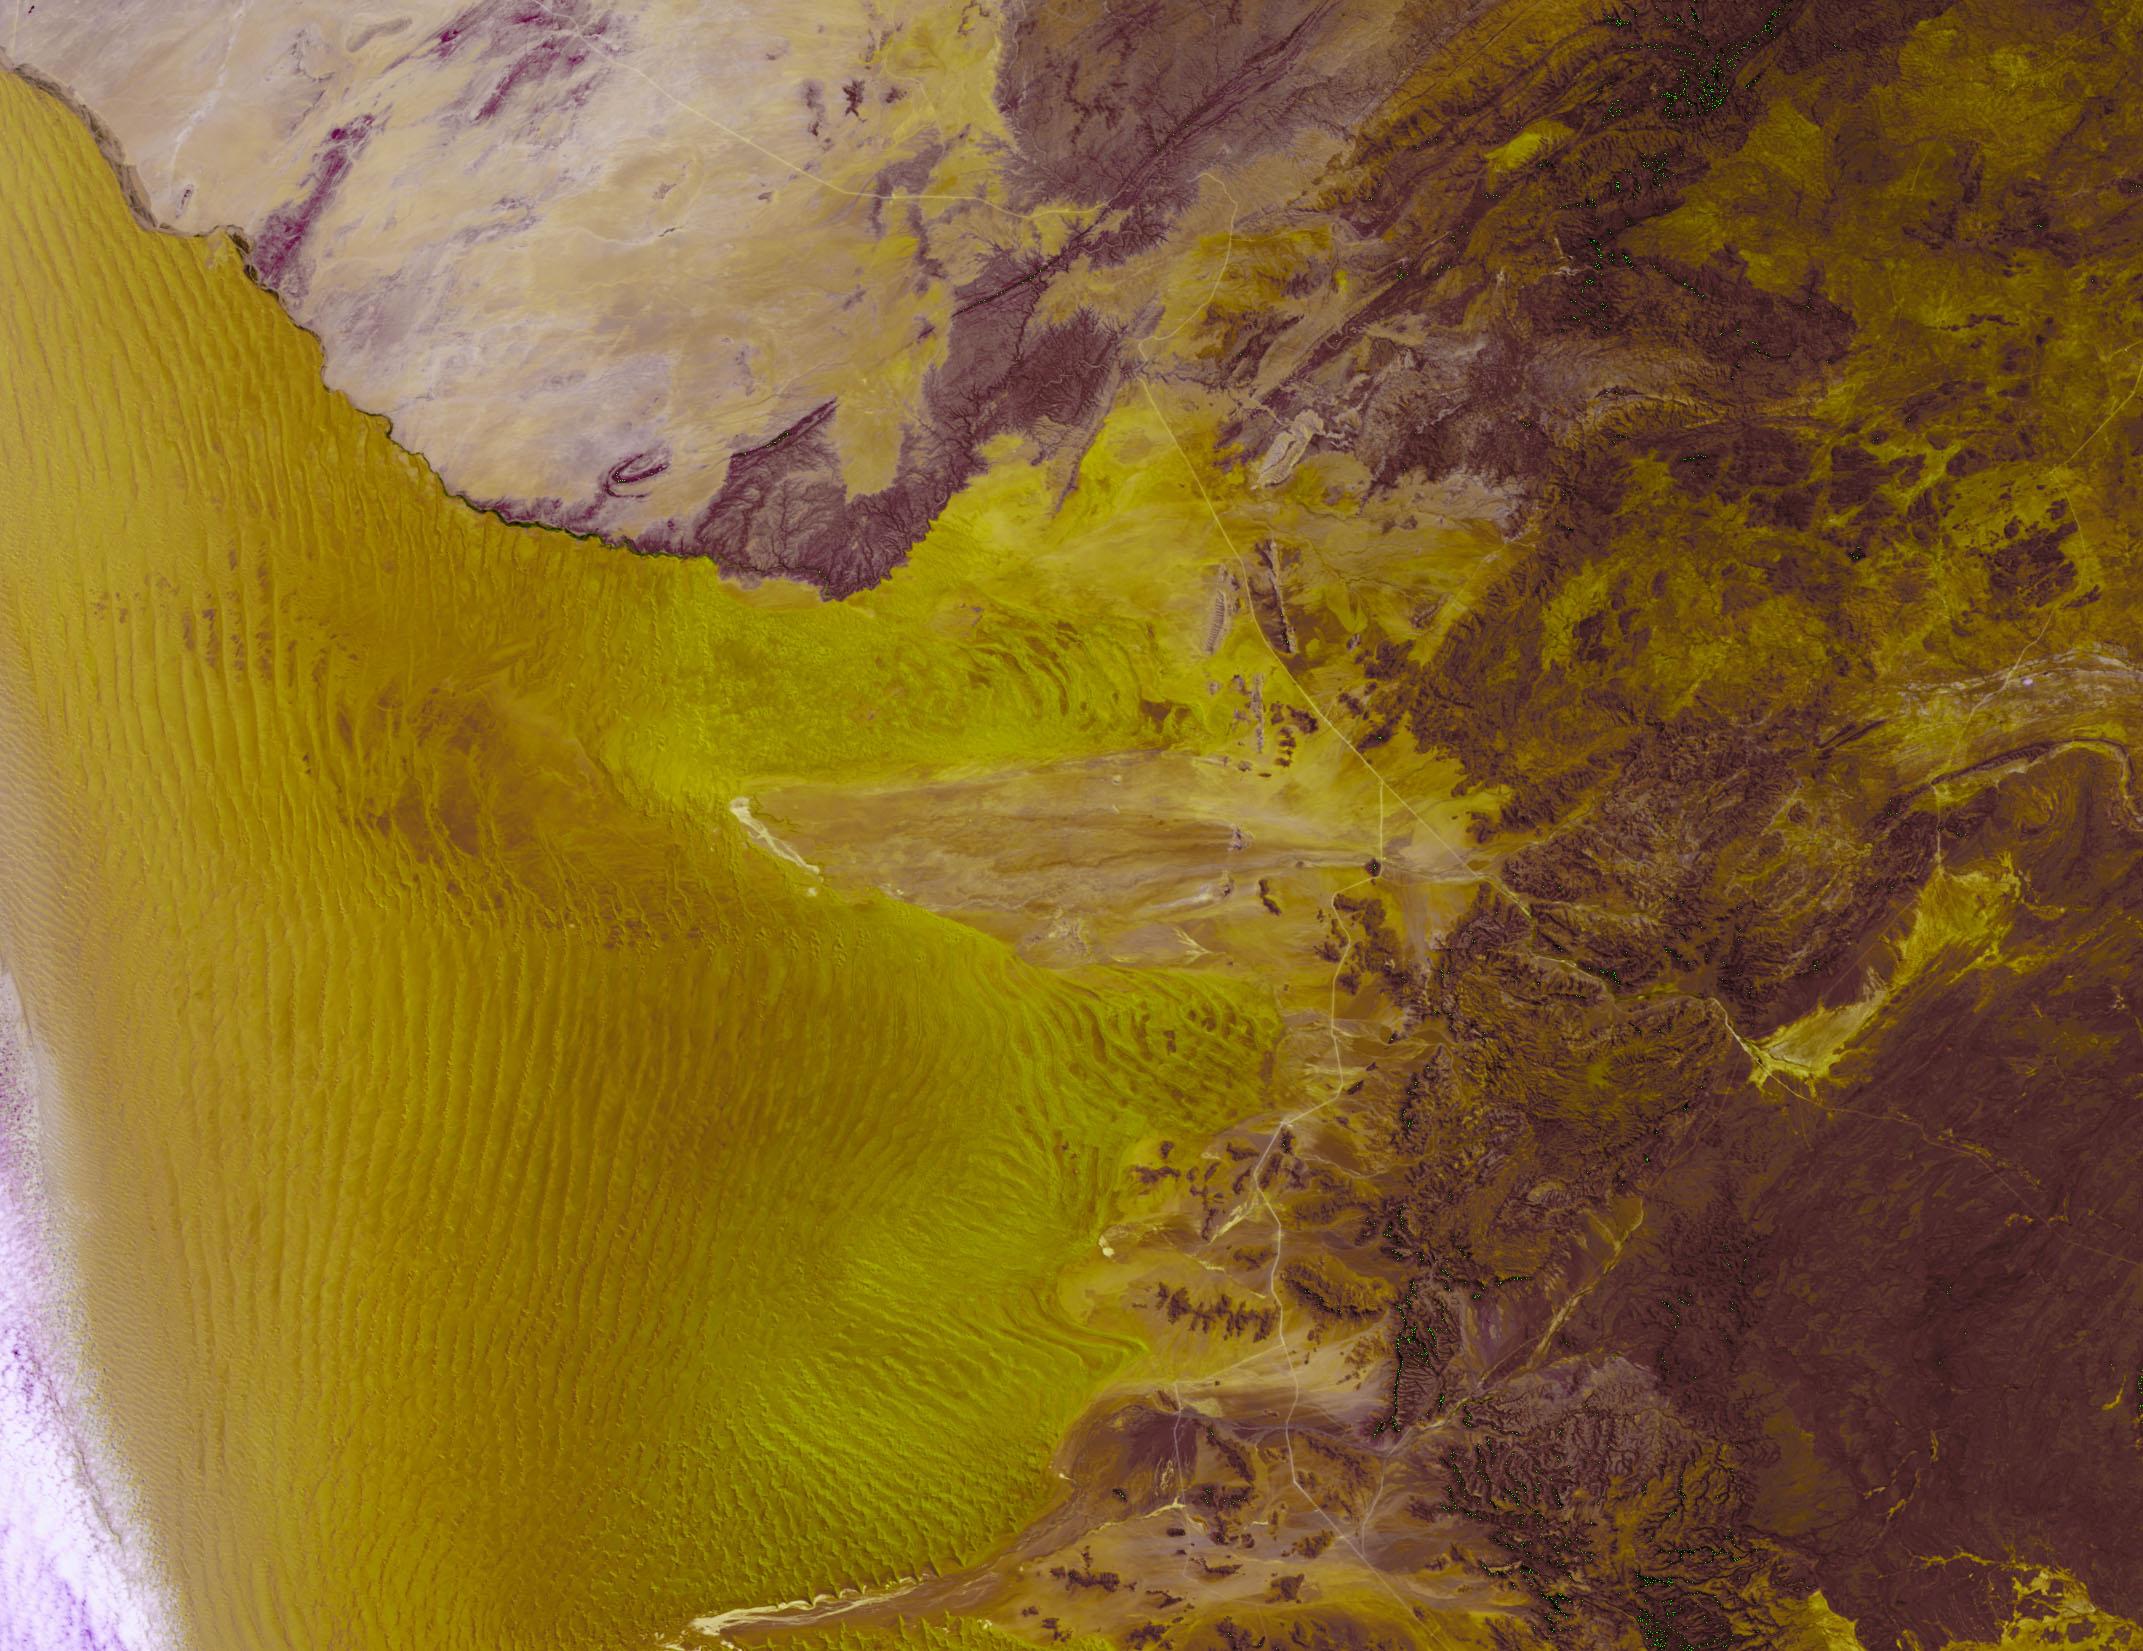 PROBA-V 100 m image of Namibia, Africa